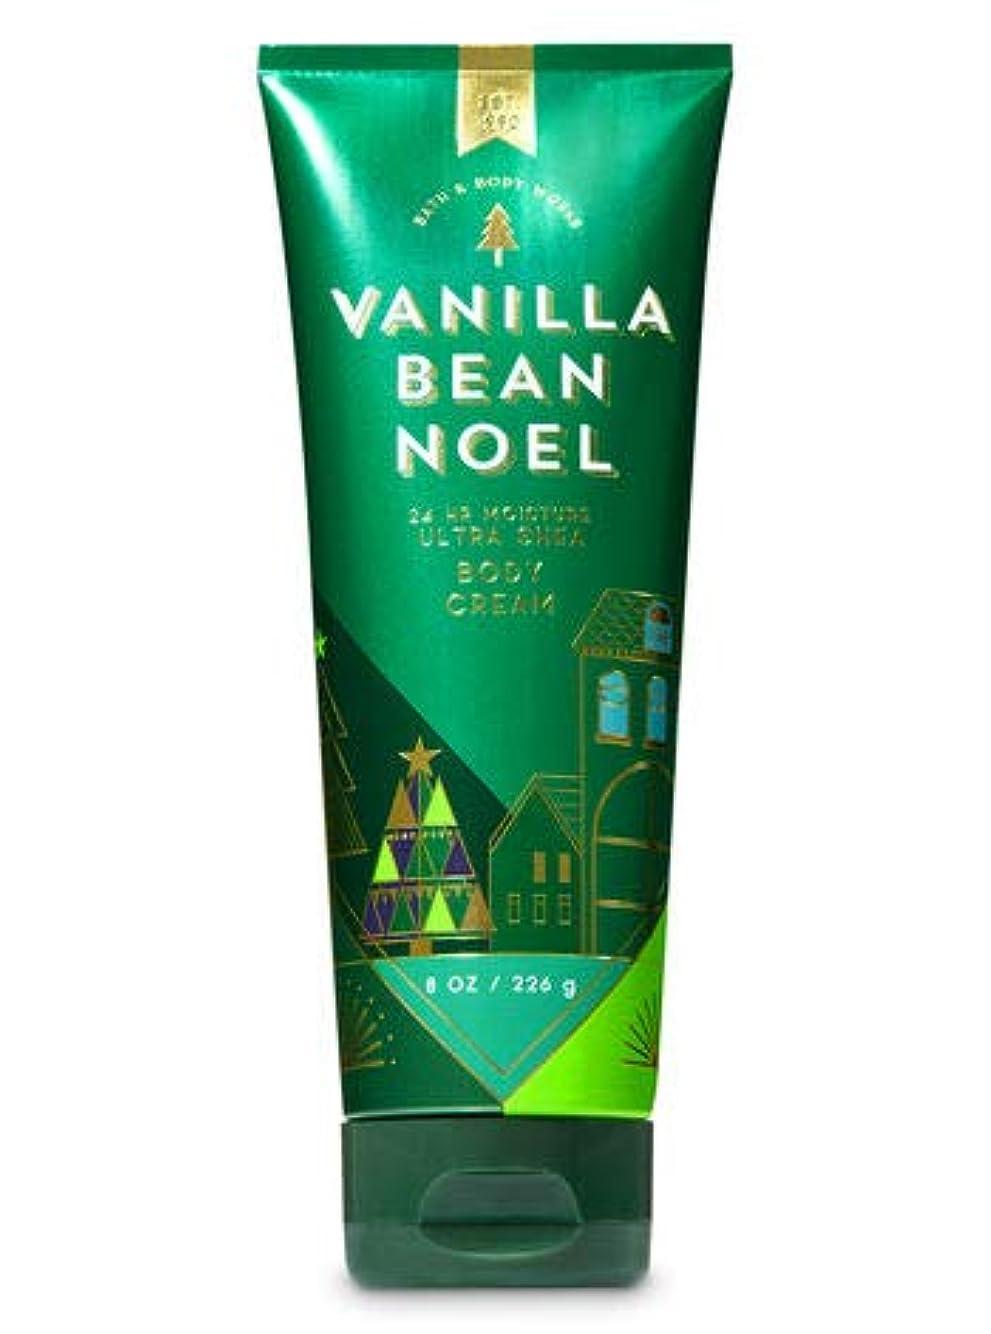 郵便番号甘美なマーチャンダイザー【Bath&Body Works/バス&ボディワークス】 ボディクリーム バニラビーンノエル Ultra Shea Body Cream Vanilla Bean Noel 8 oz / 226 g [並行輸入品]